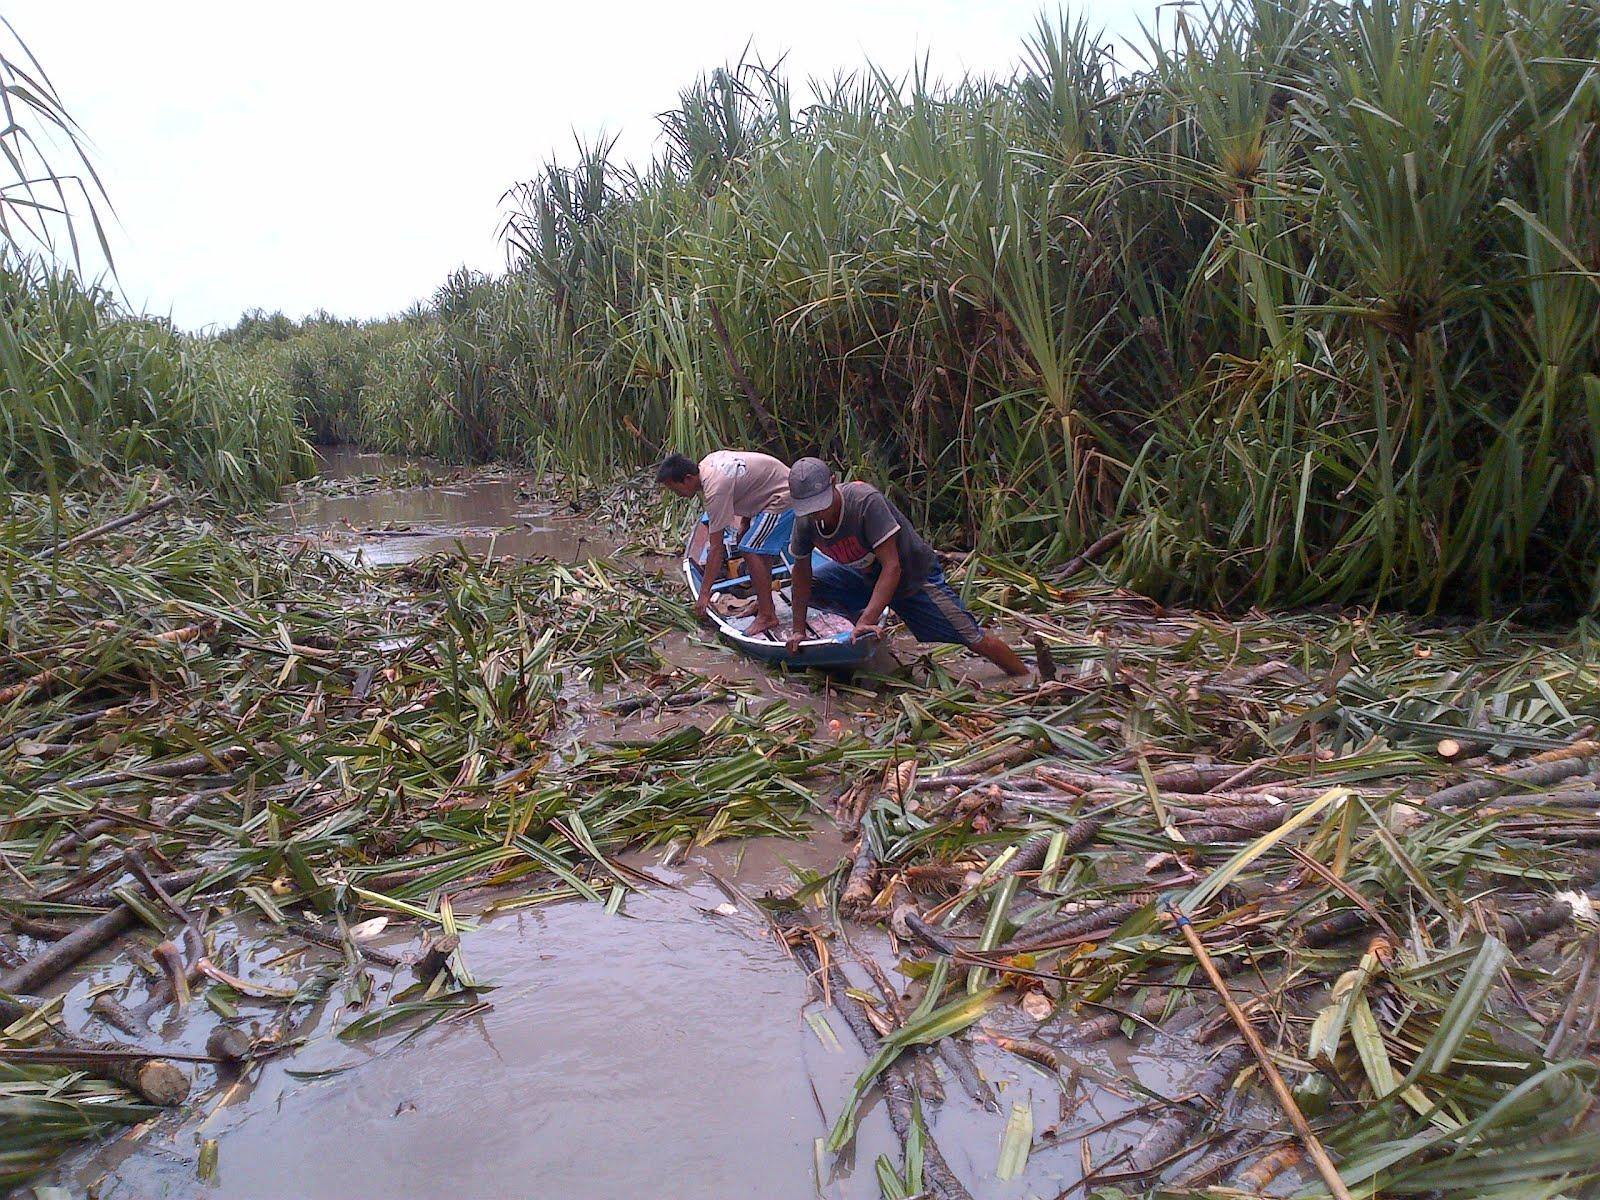 Beginilah keadaan sungai kami sekarang telah tercemar akibat aksi